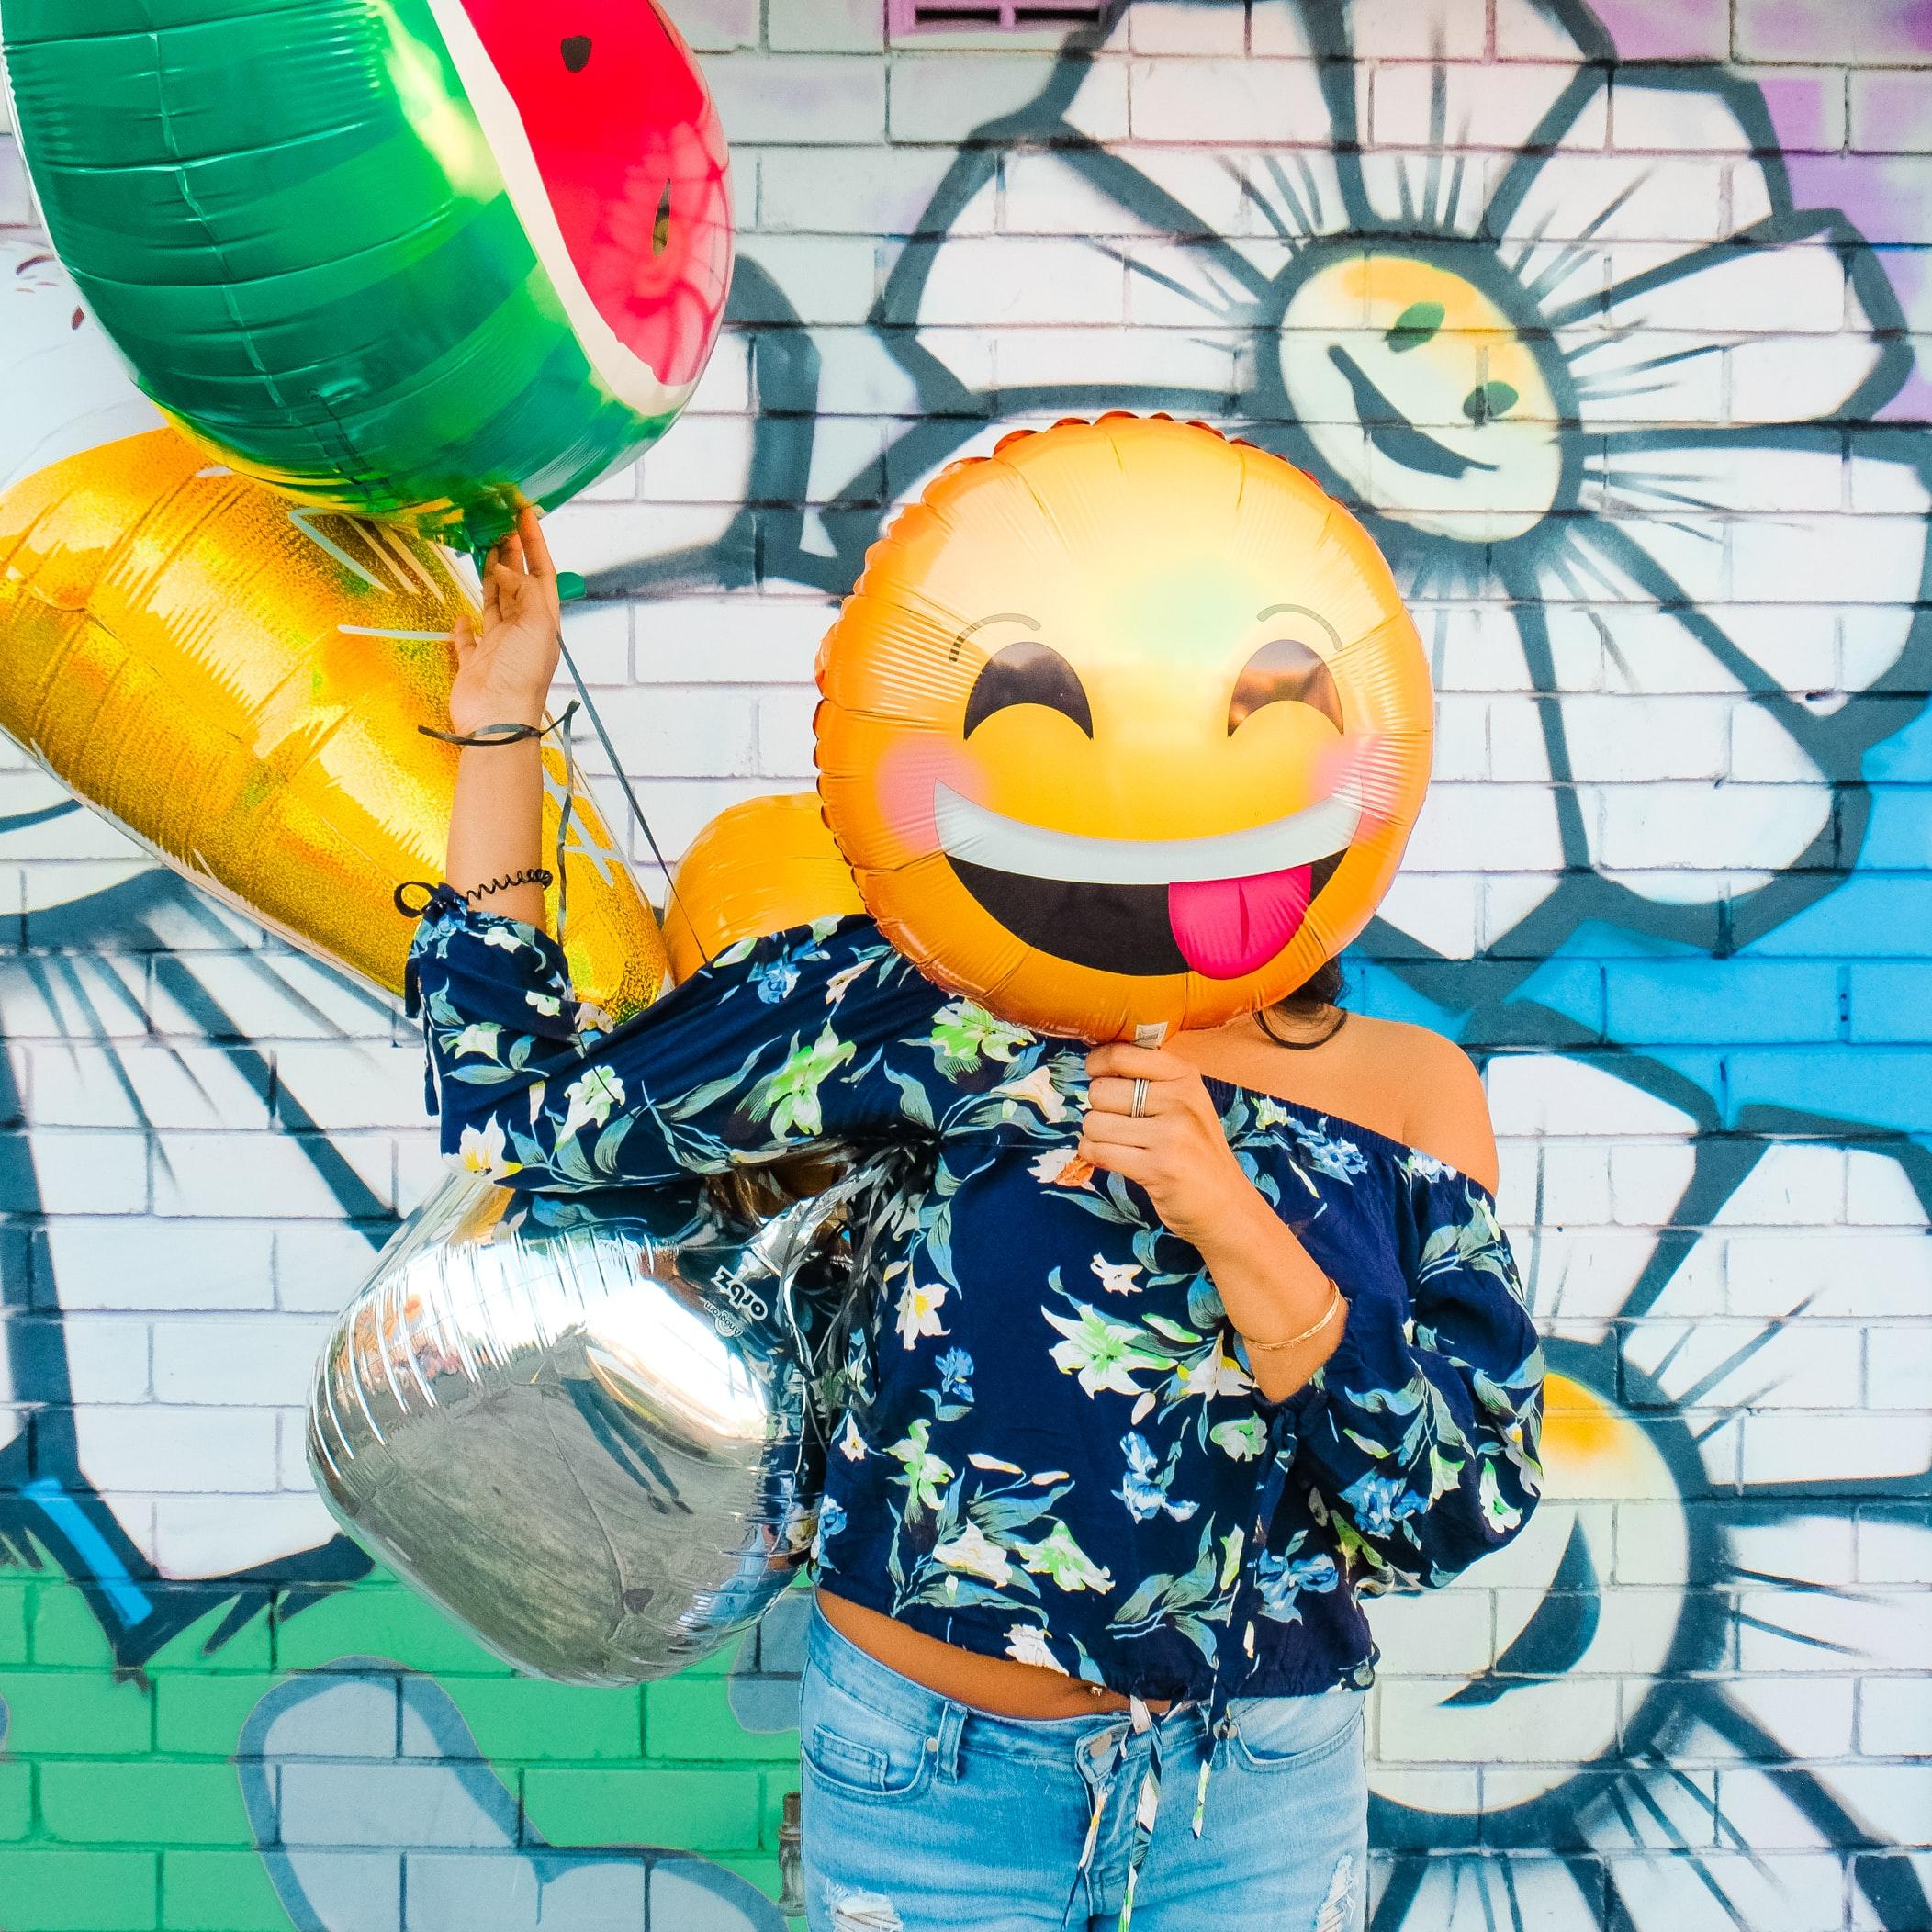 ashna dhanuka happiness blog image